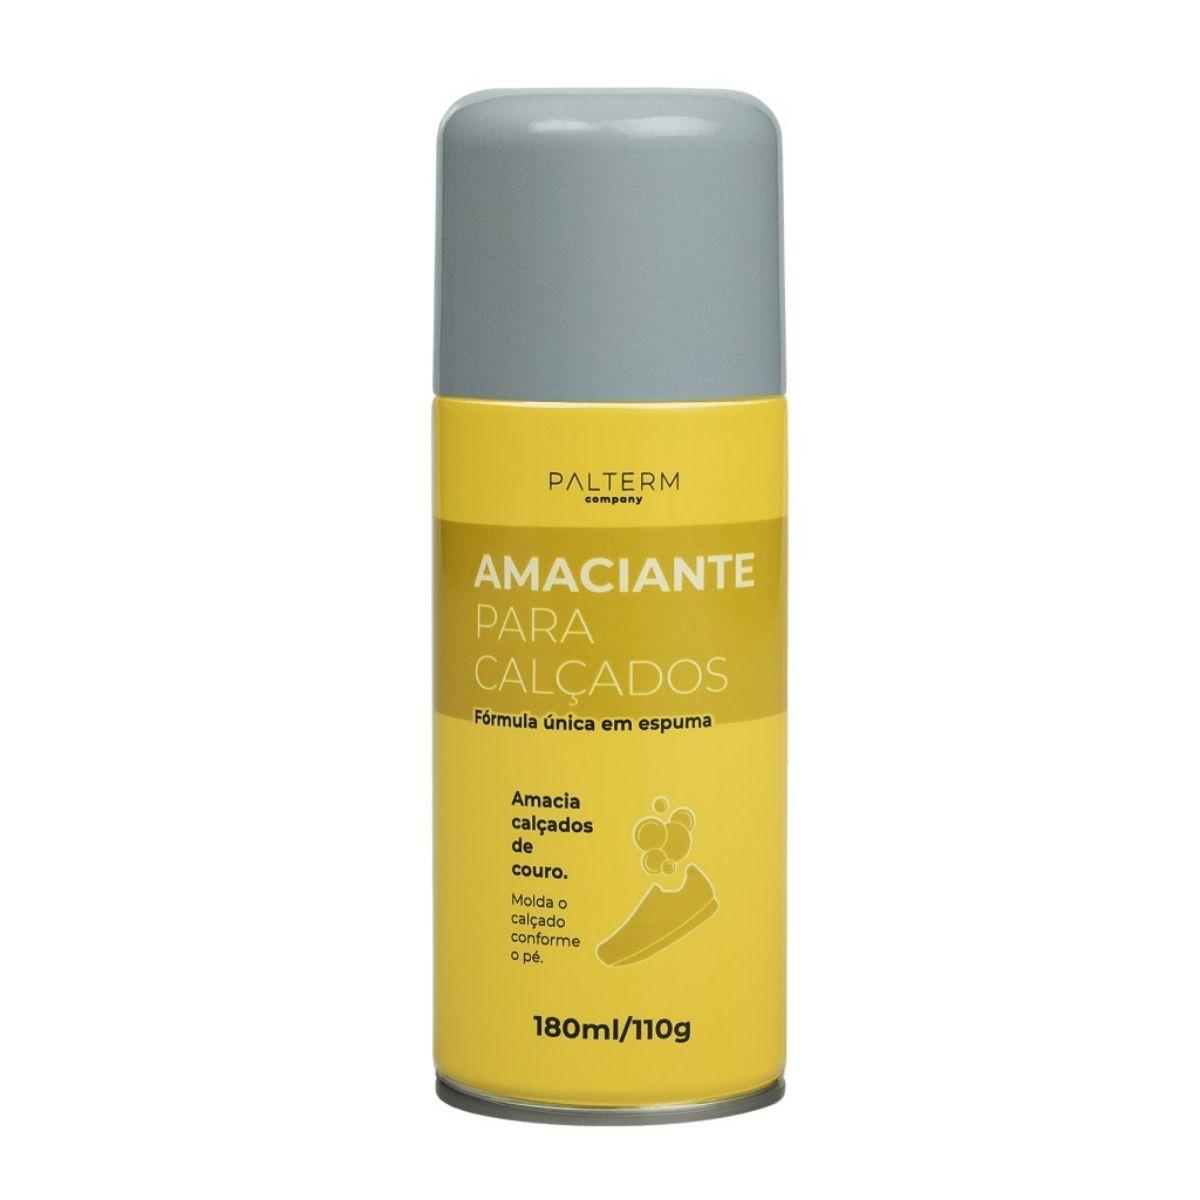 Laceador Amaciante Palterm Espuma 580-I18